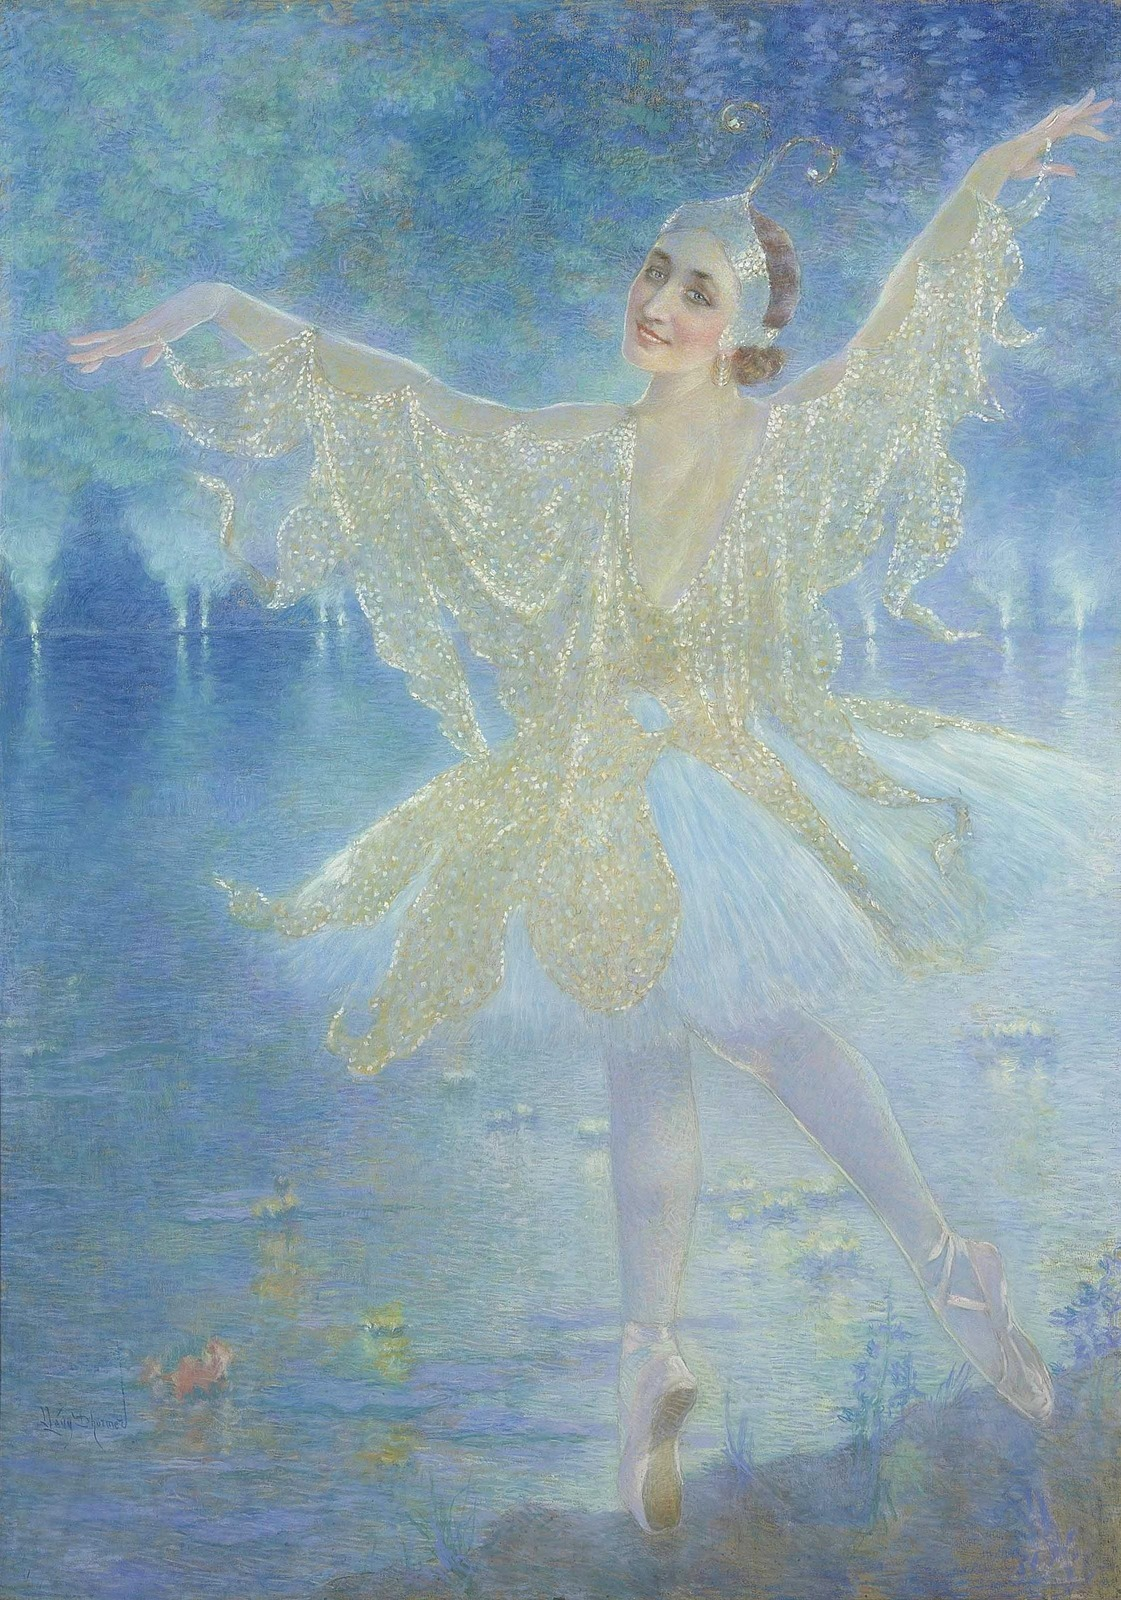 Танцовщица балета (La danseuse de ballet)_162.5 х 116.8_бумага, пастель_Частное собрание.jpg